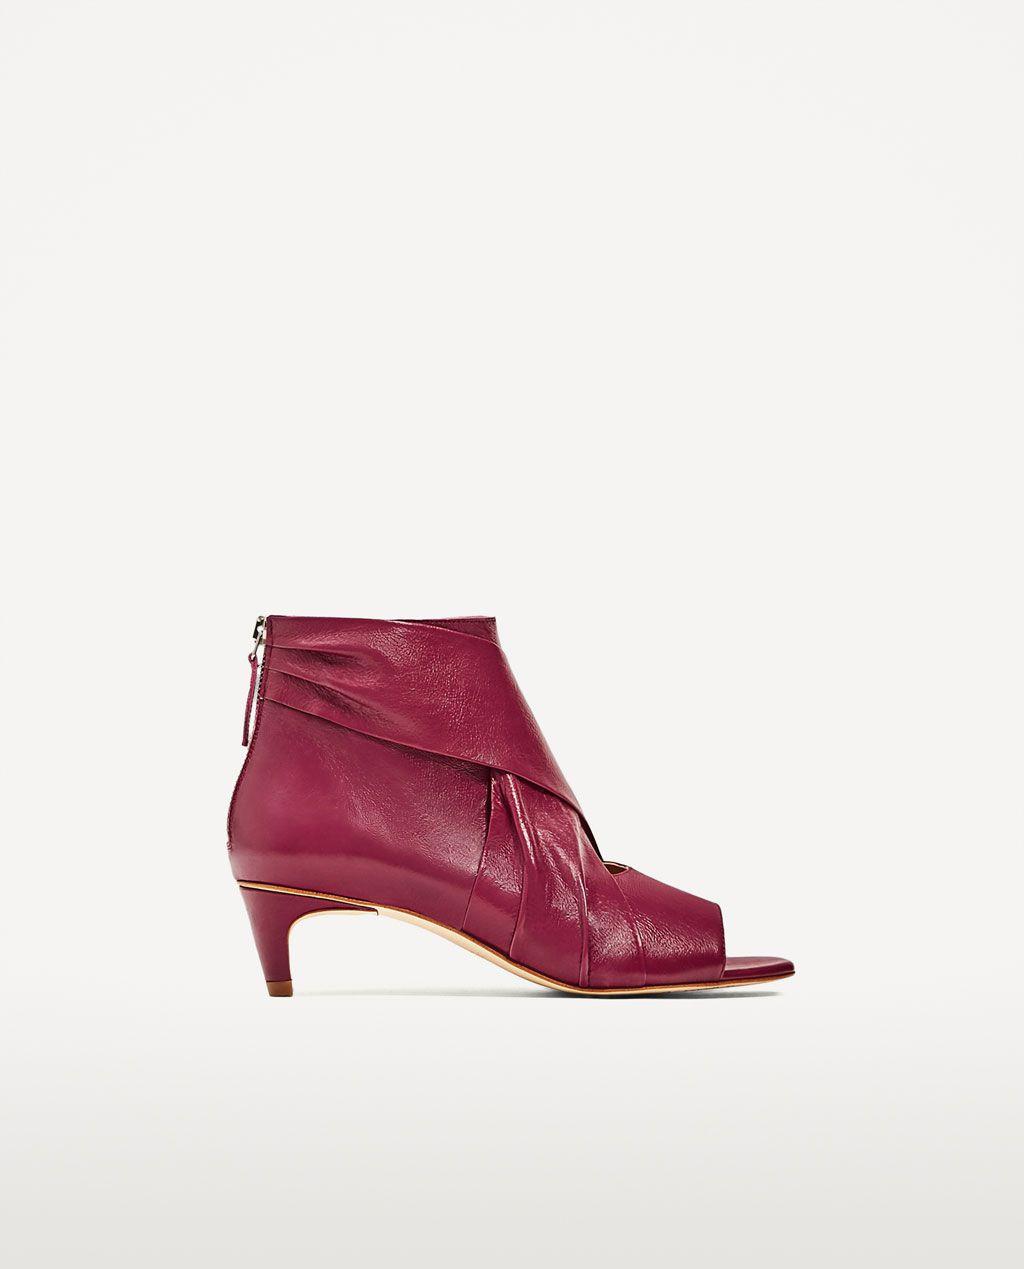 sandales, chaussures et bottines pour femme printemps-Été 2017